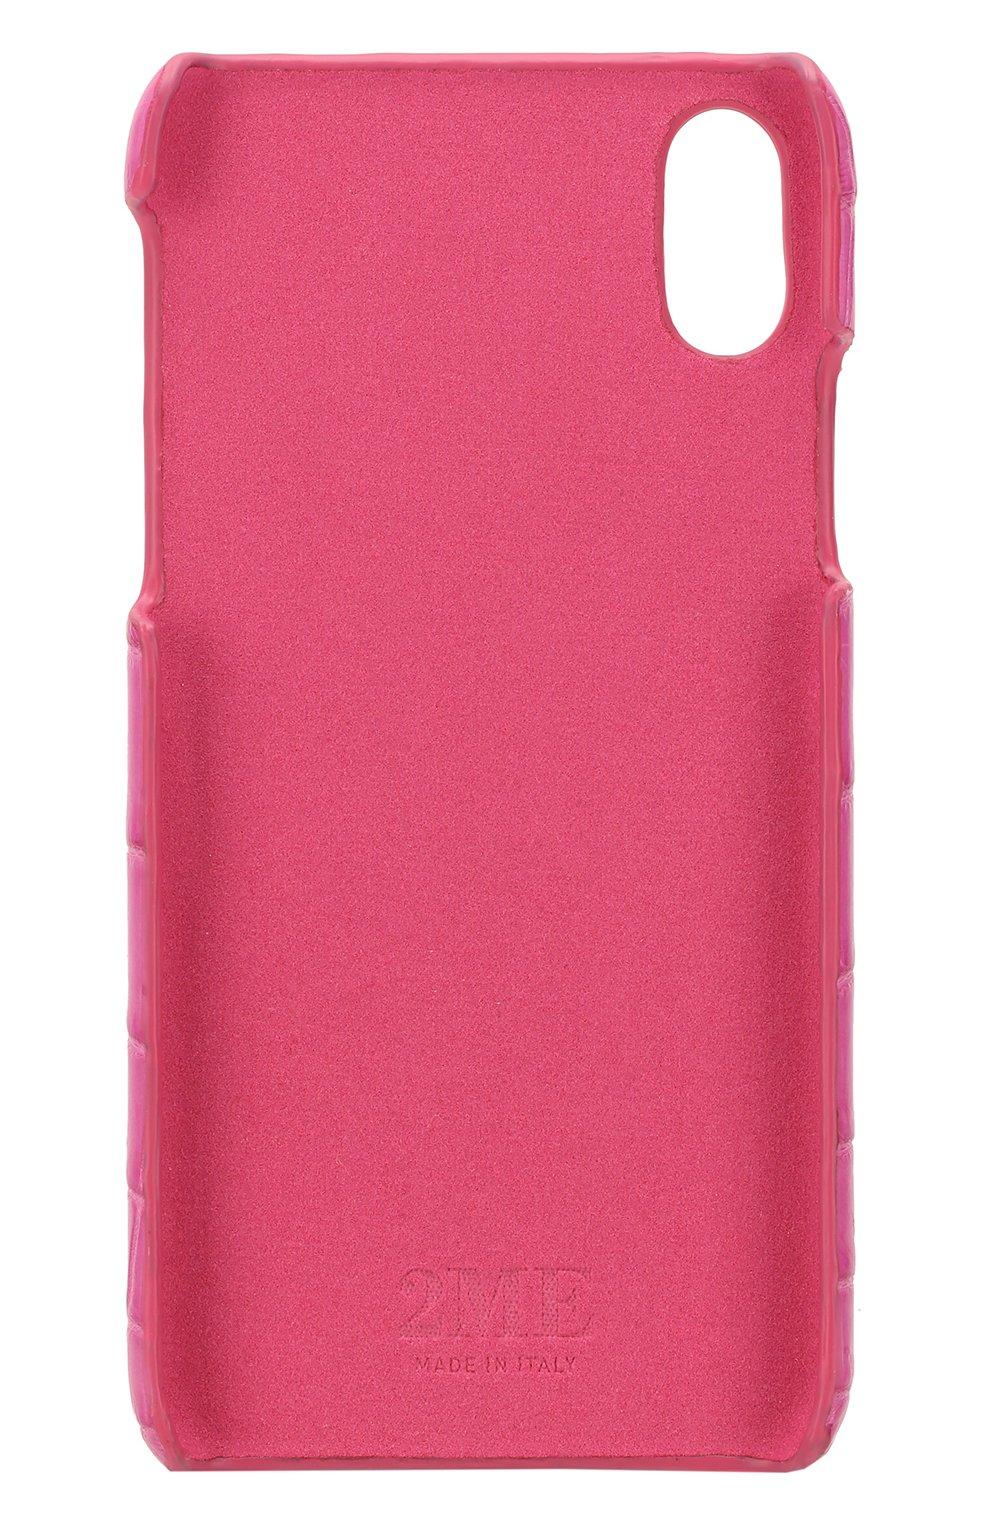 Мужской чехол для iphone x из кожи крокодила 2MESTYLE фуксия цвета, арт. DD895 | Фото 2